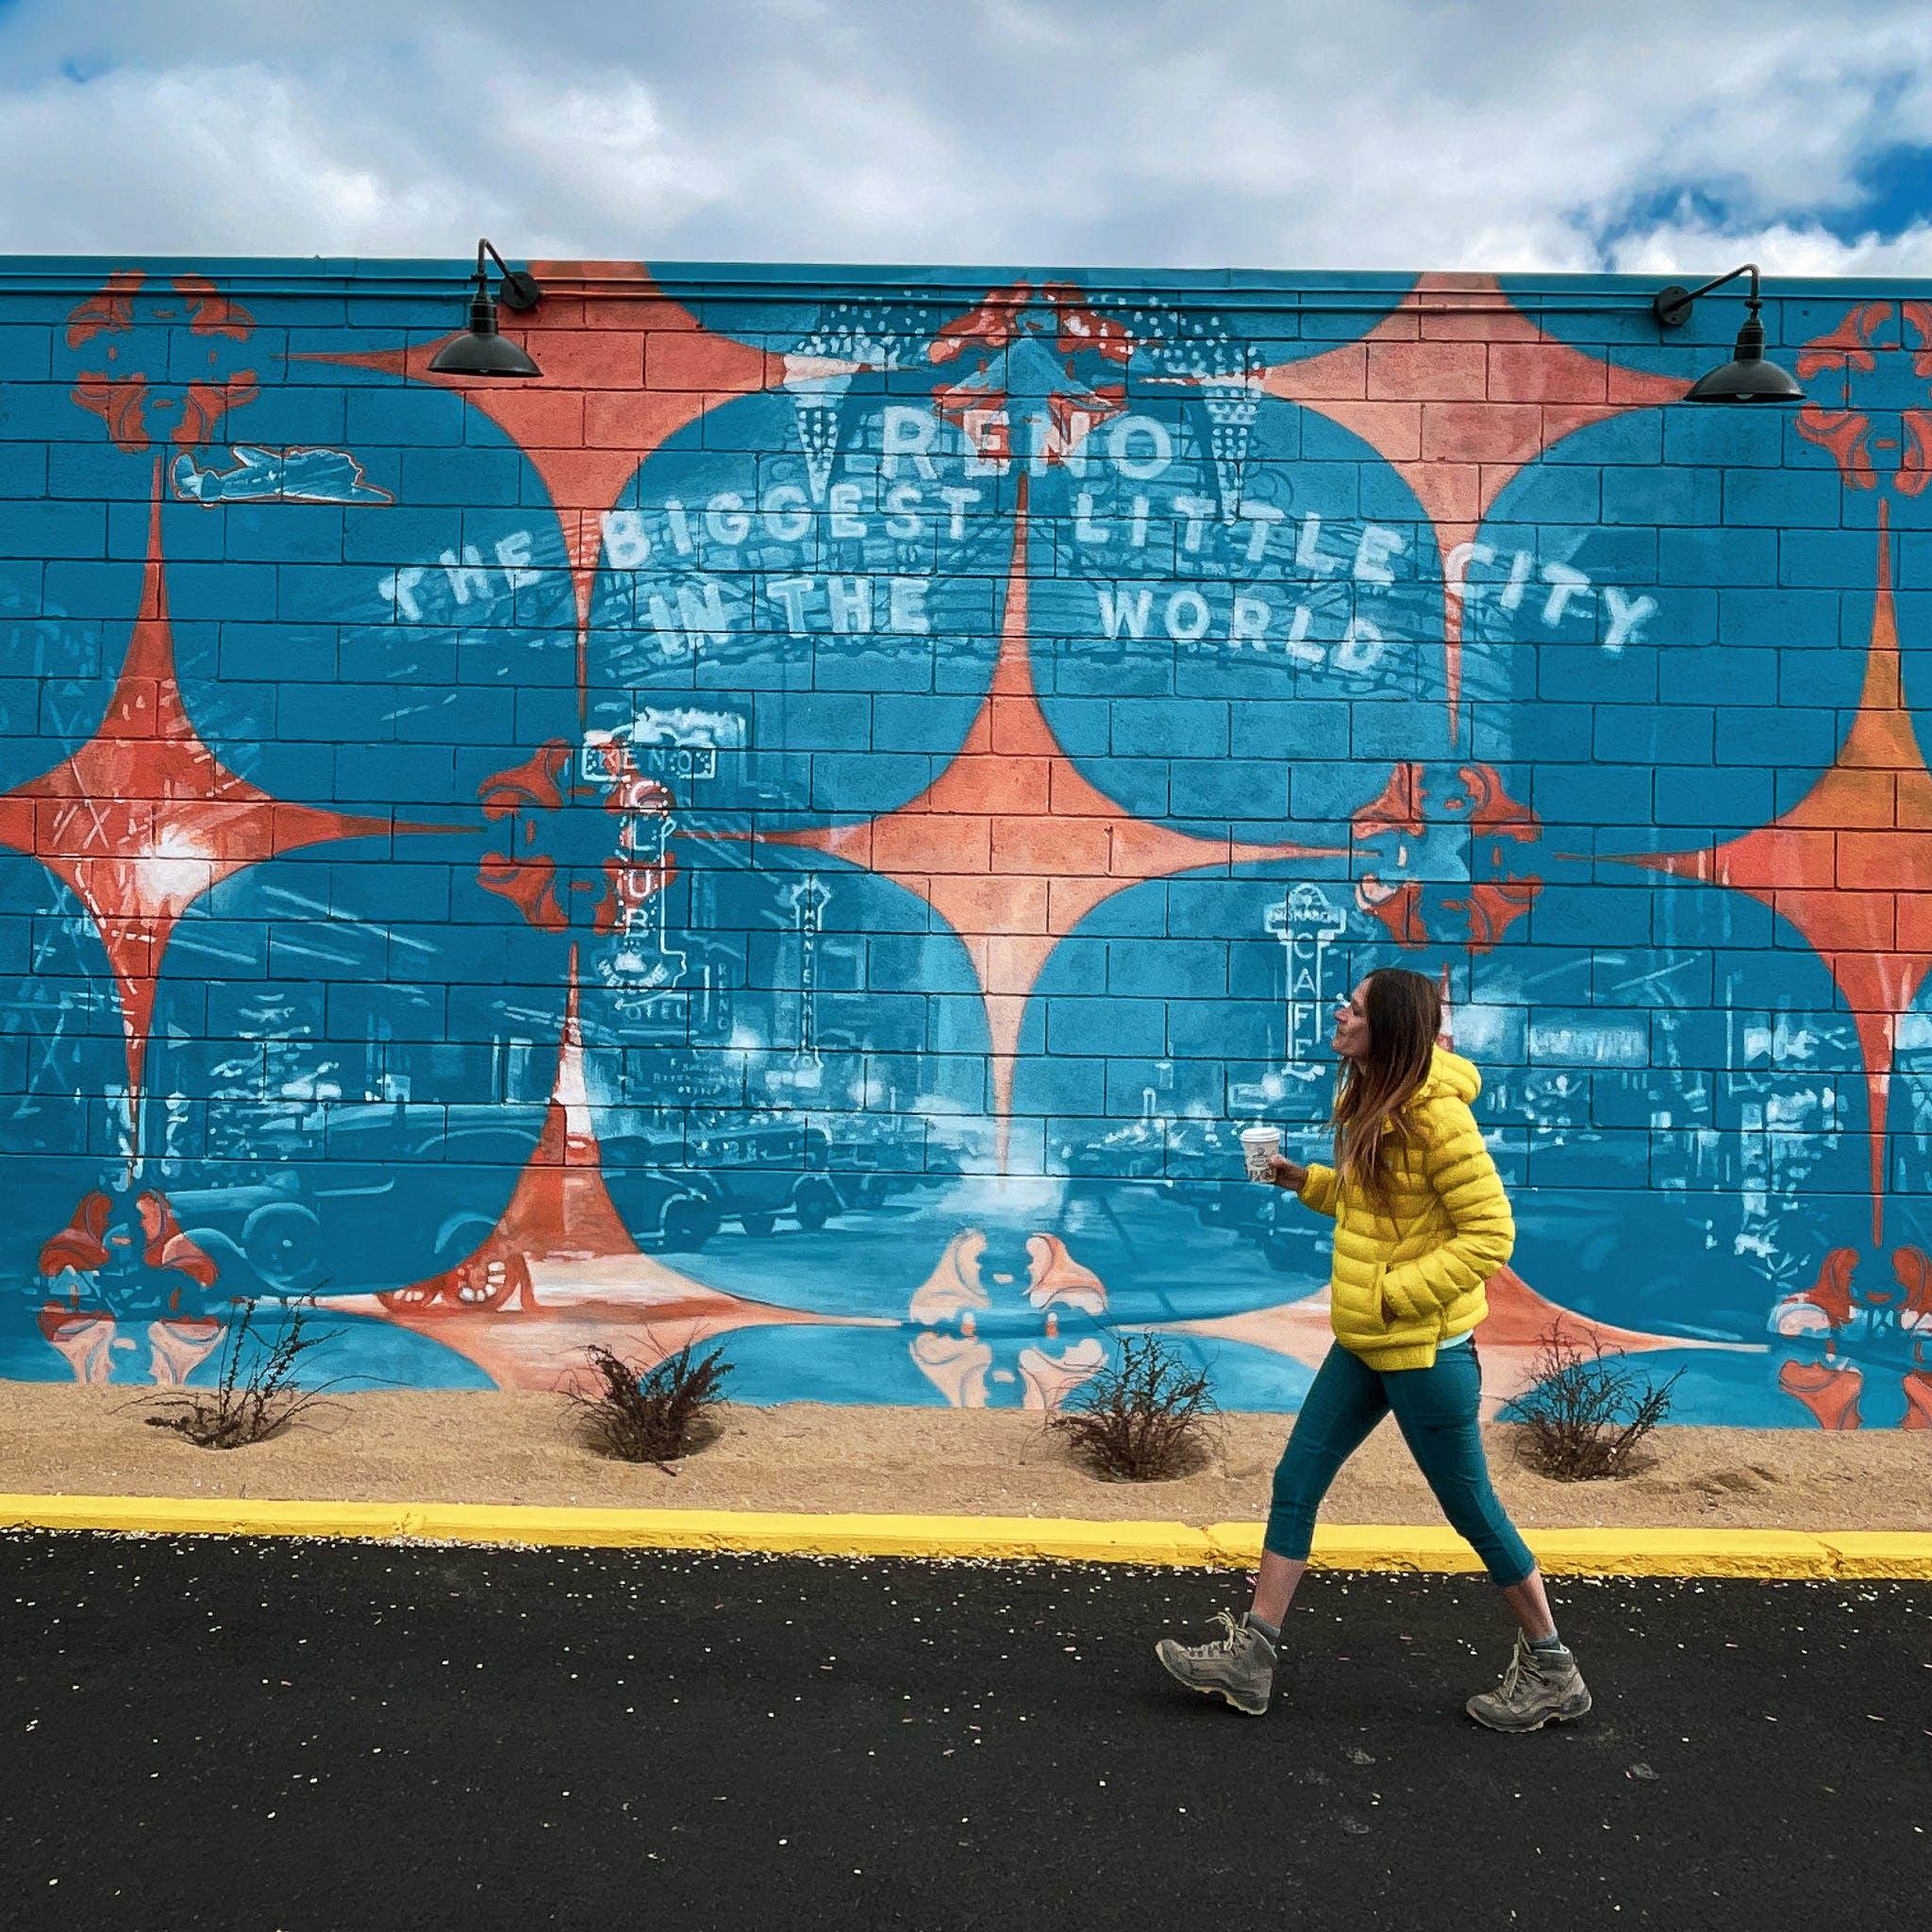 Woman walking by Kramer's Midtown mural in Reno